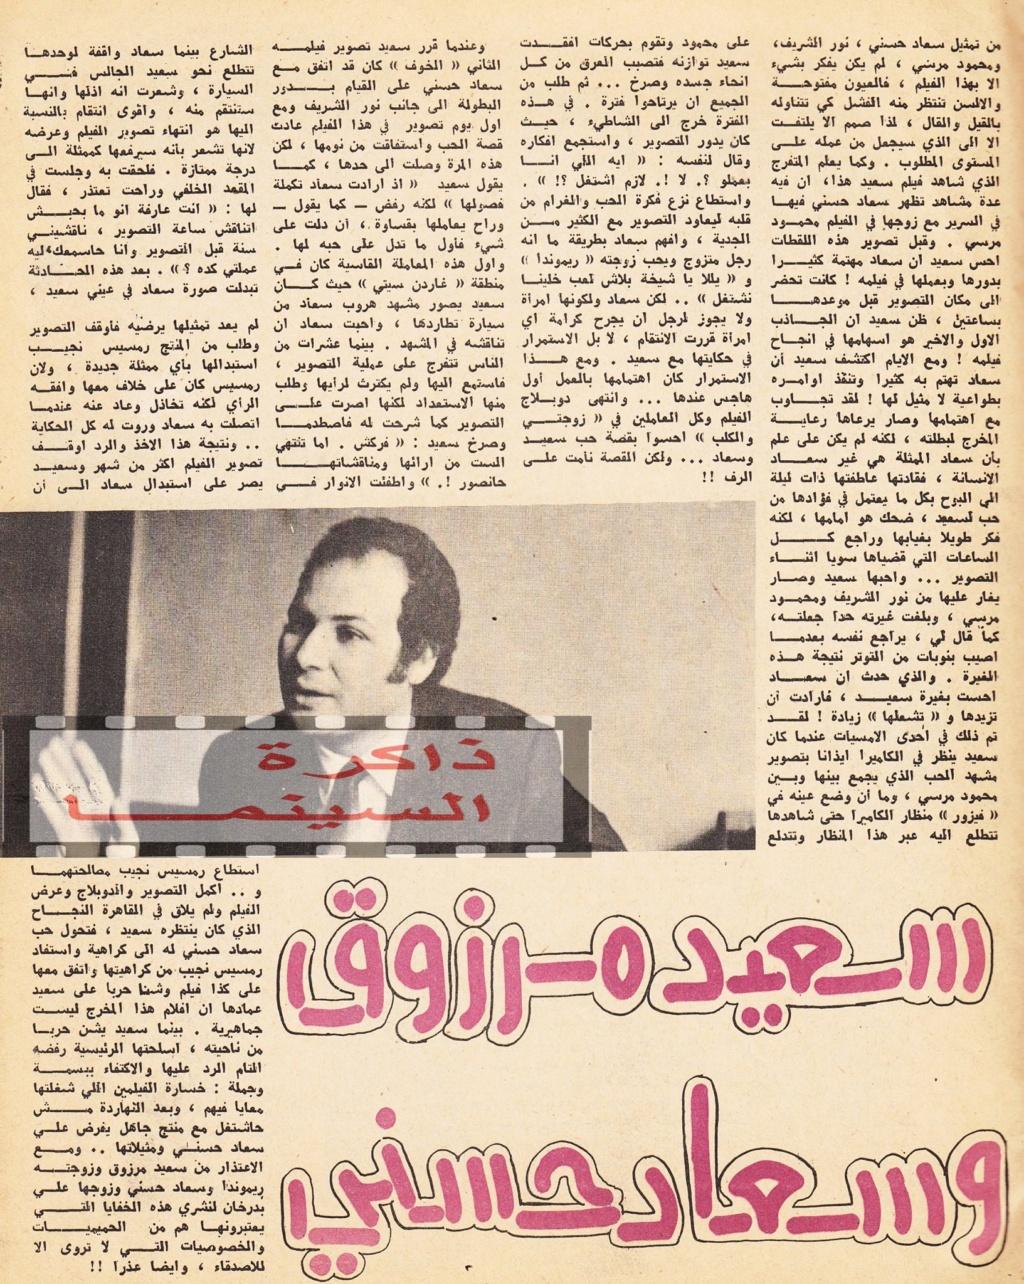 مقال - مقال صحفي : قصة حب لم تتم فصولها بين سعيد مرزوق وسعاد حسني 1972 م 2152